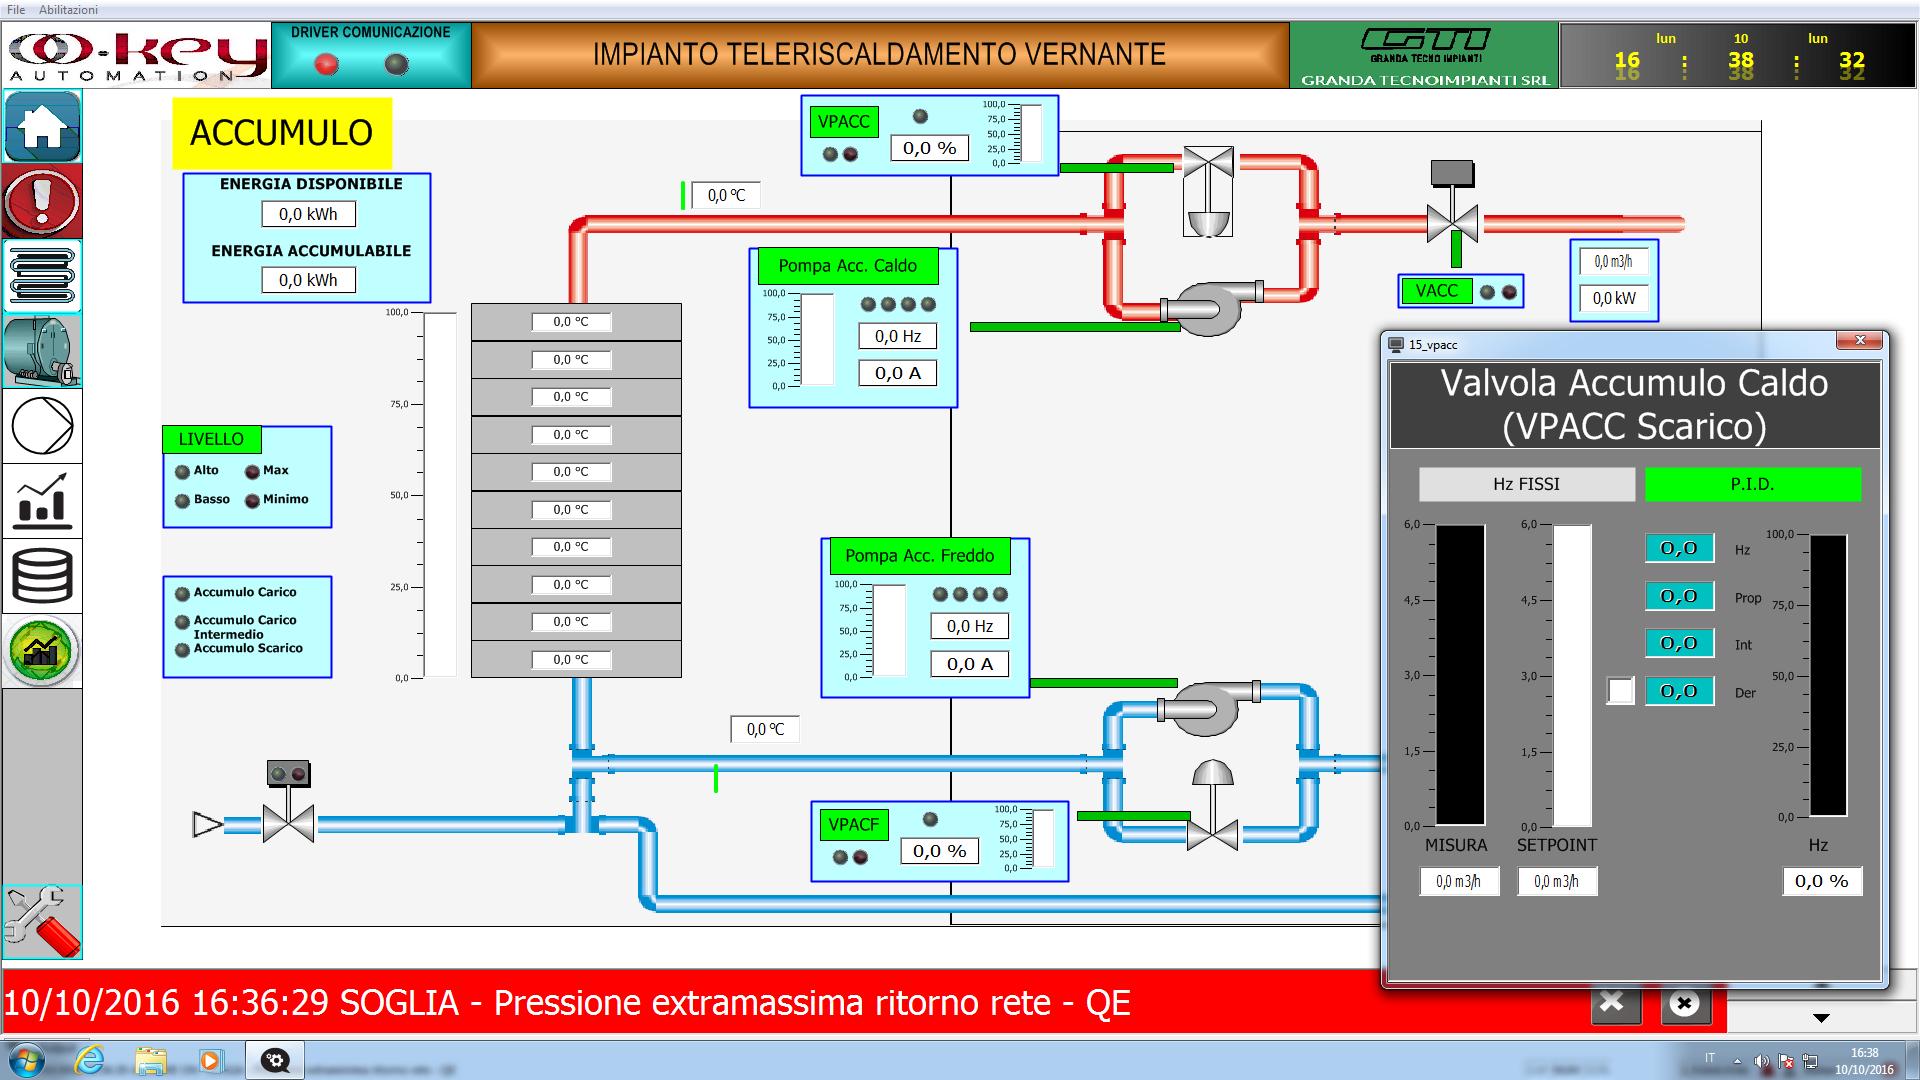 Supervisione impianto riscaldamento con gestione remota